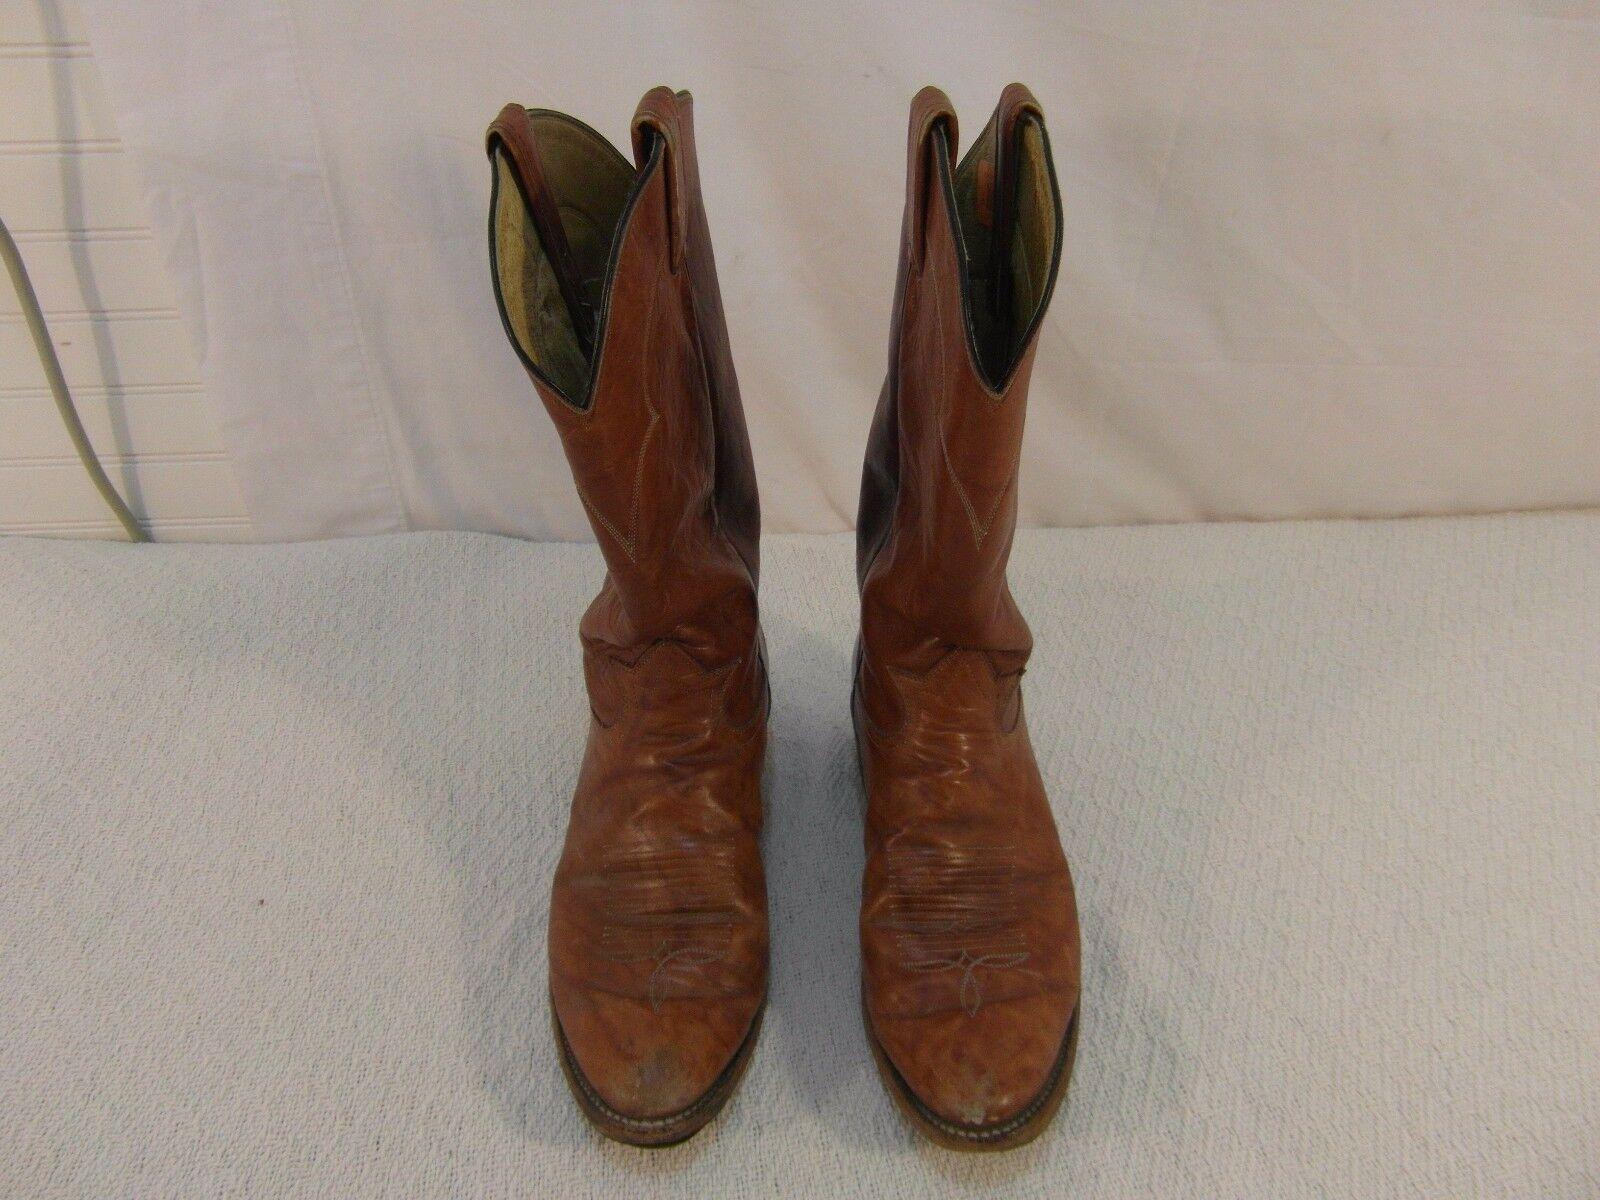 Men's Tony Lama El Paso Authentic Light Brown Leather 10 D Cowboy Boots 33024